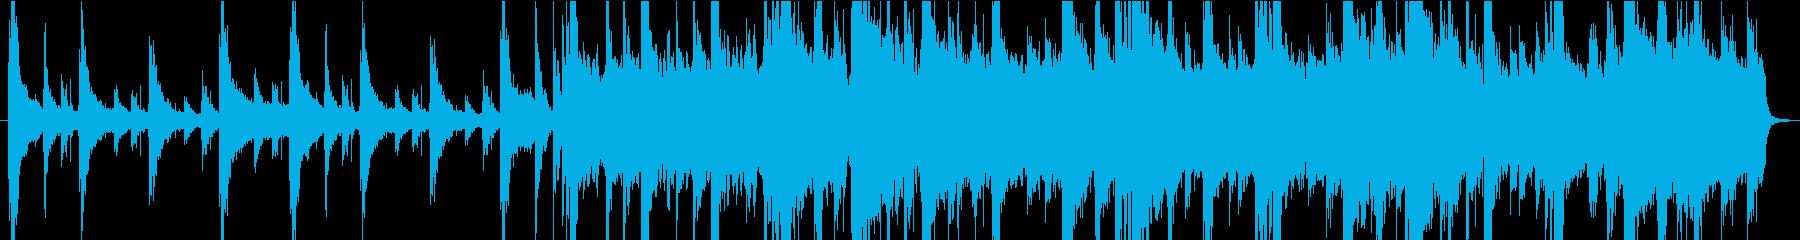 荘厳な雰囲気の曲の再生済みの波形